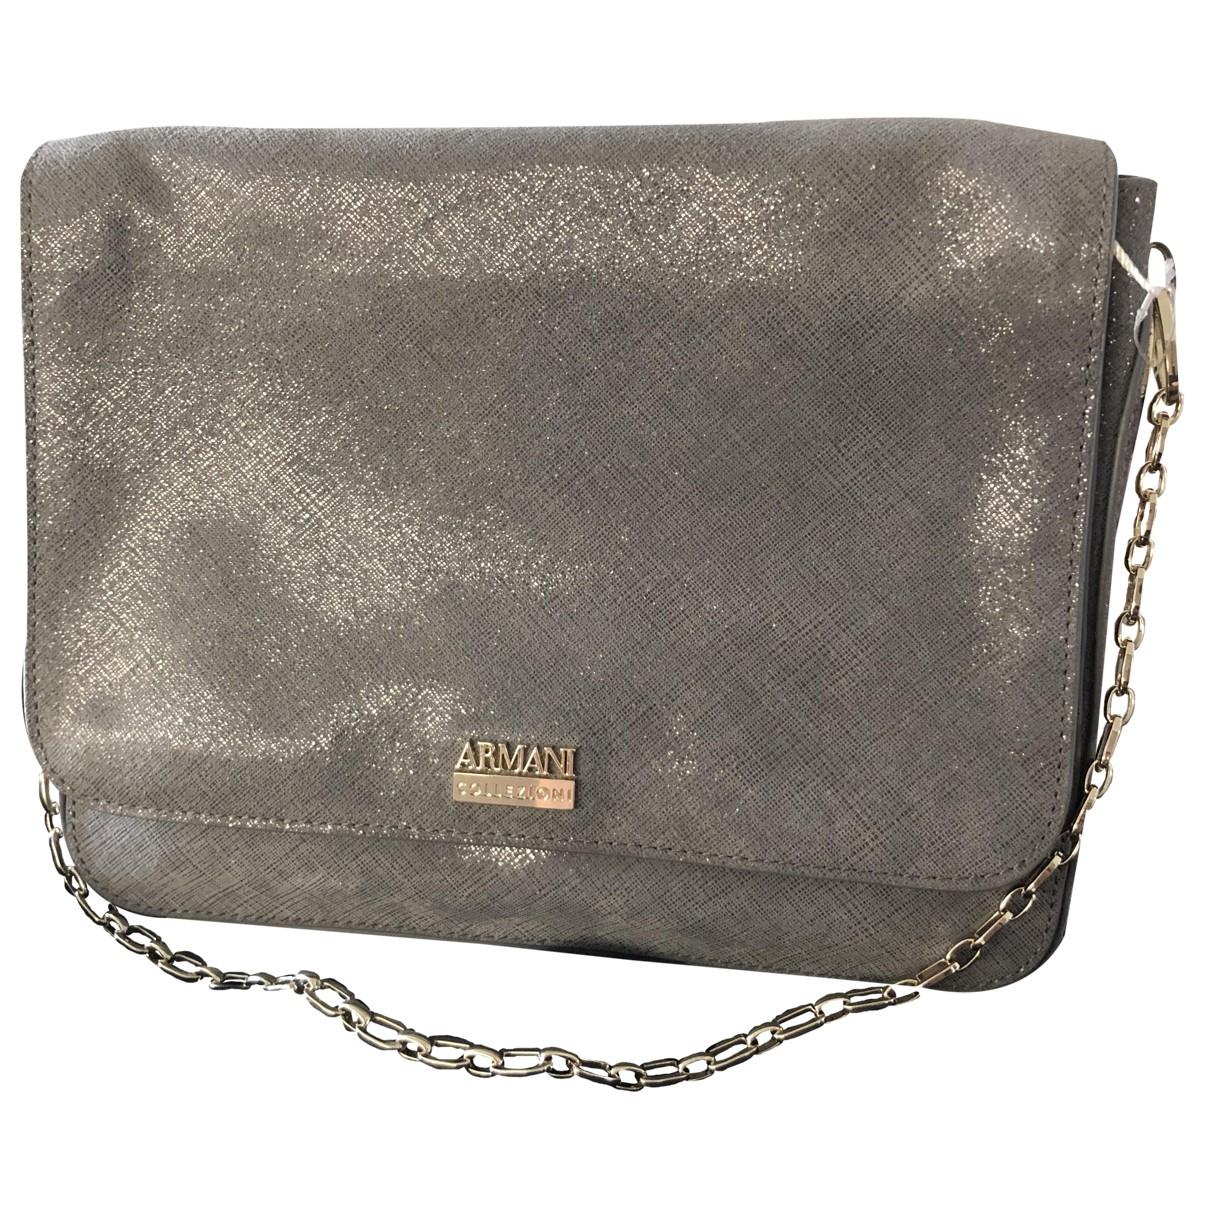 Armani Collezioni \N Grey Leather handbag for Women \N